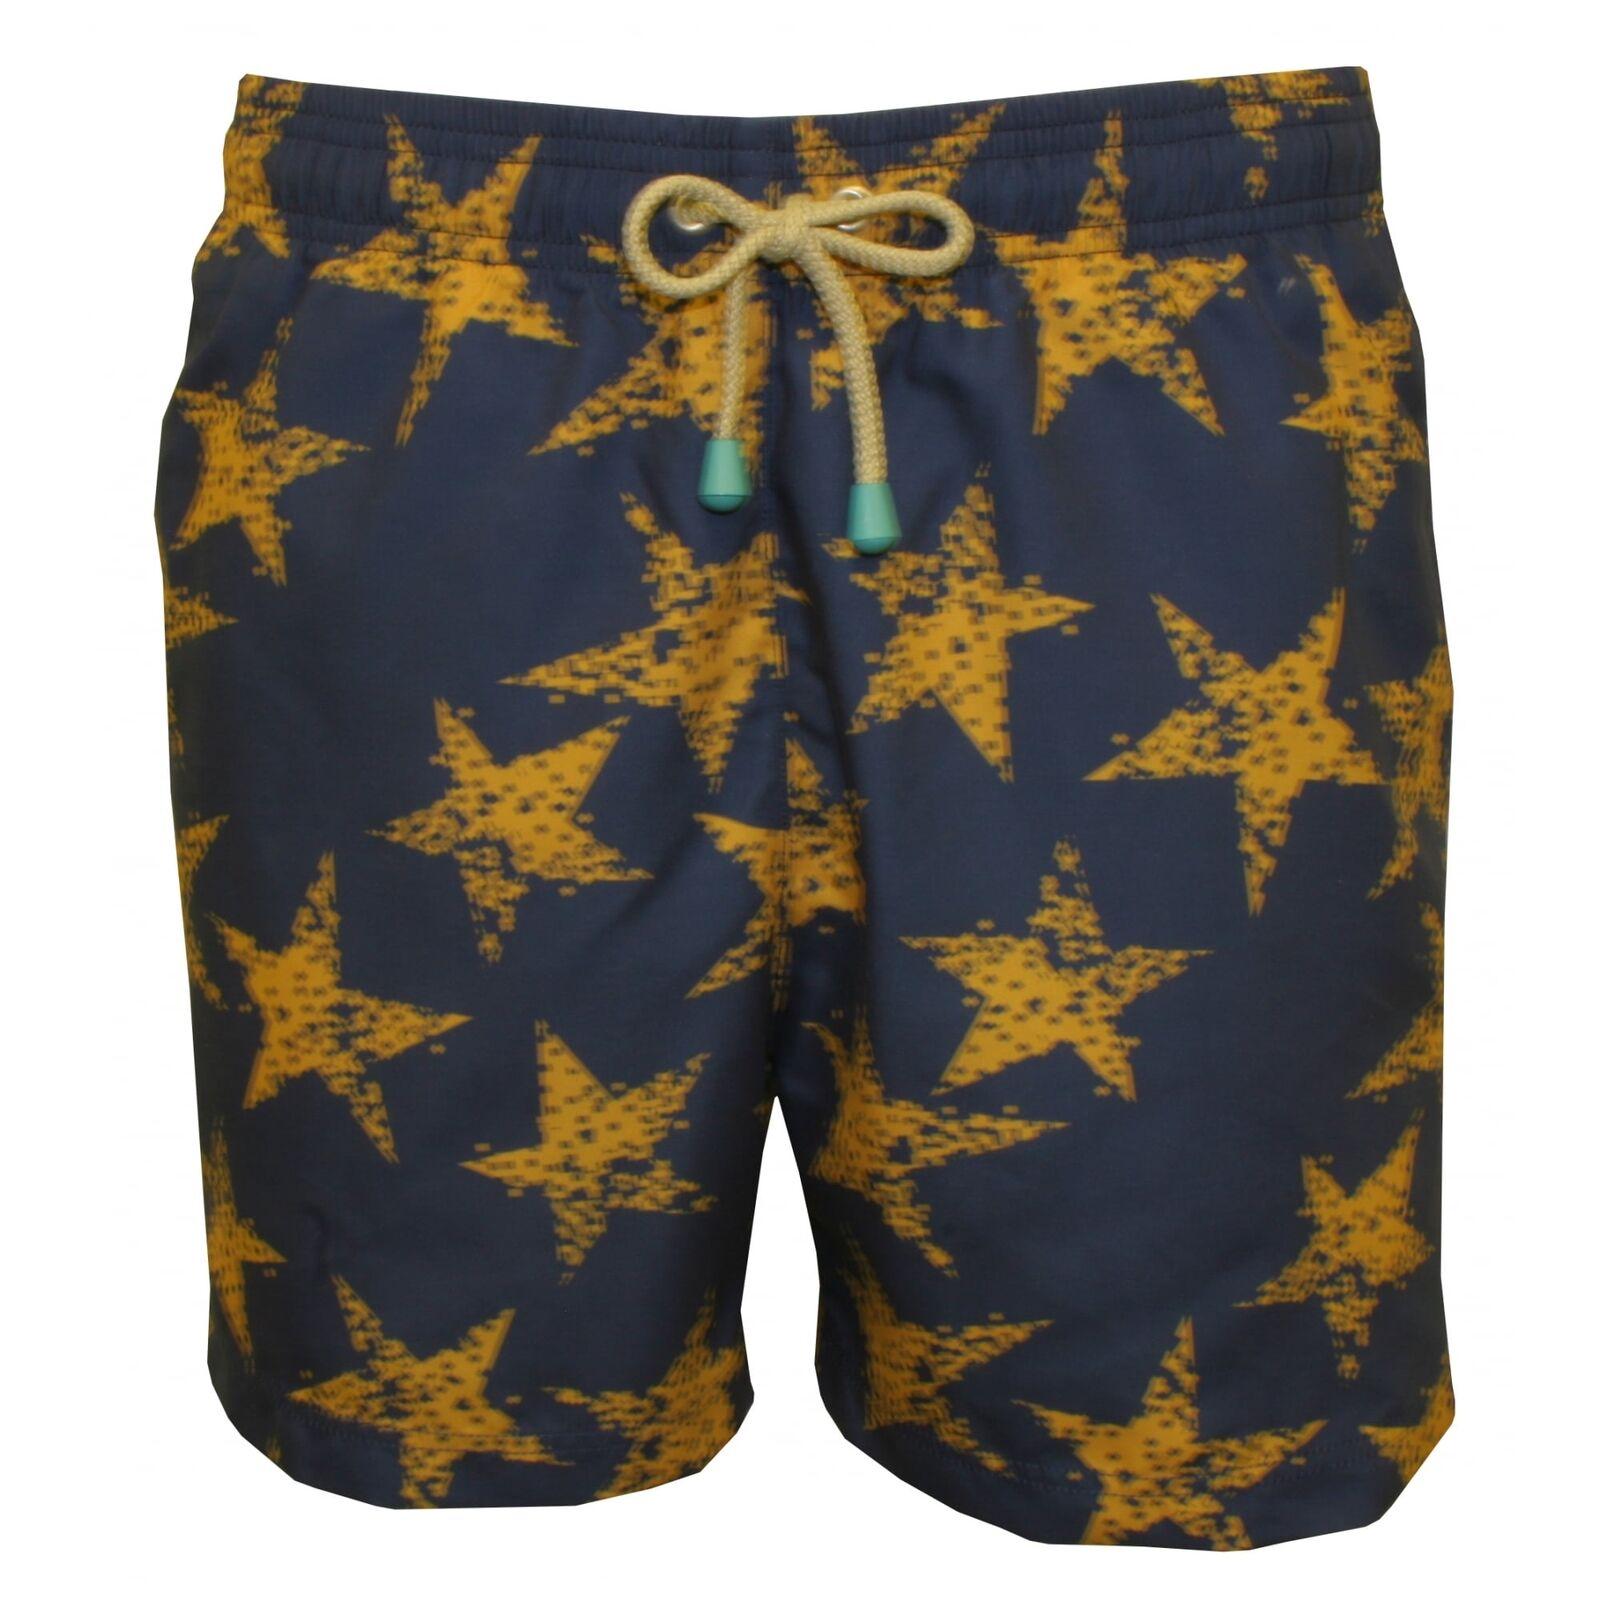 Oiler & Boiler Old Skool Rough Star gold Men's Swim Shorts, Navy with gold